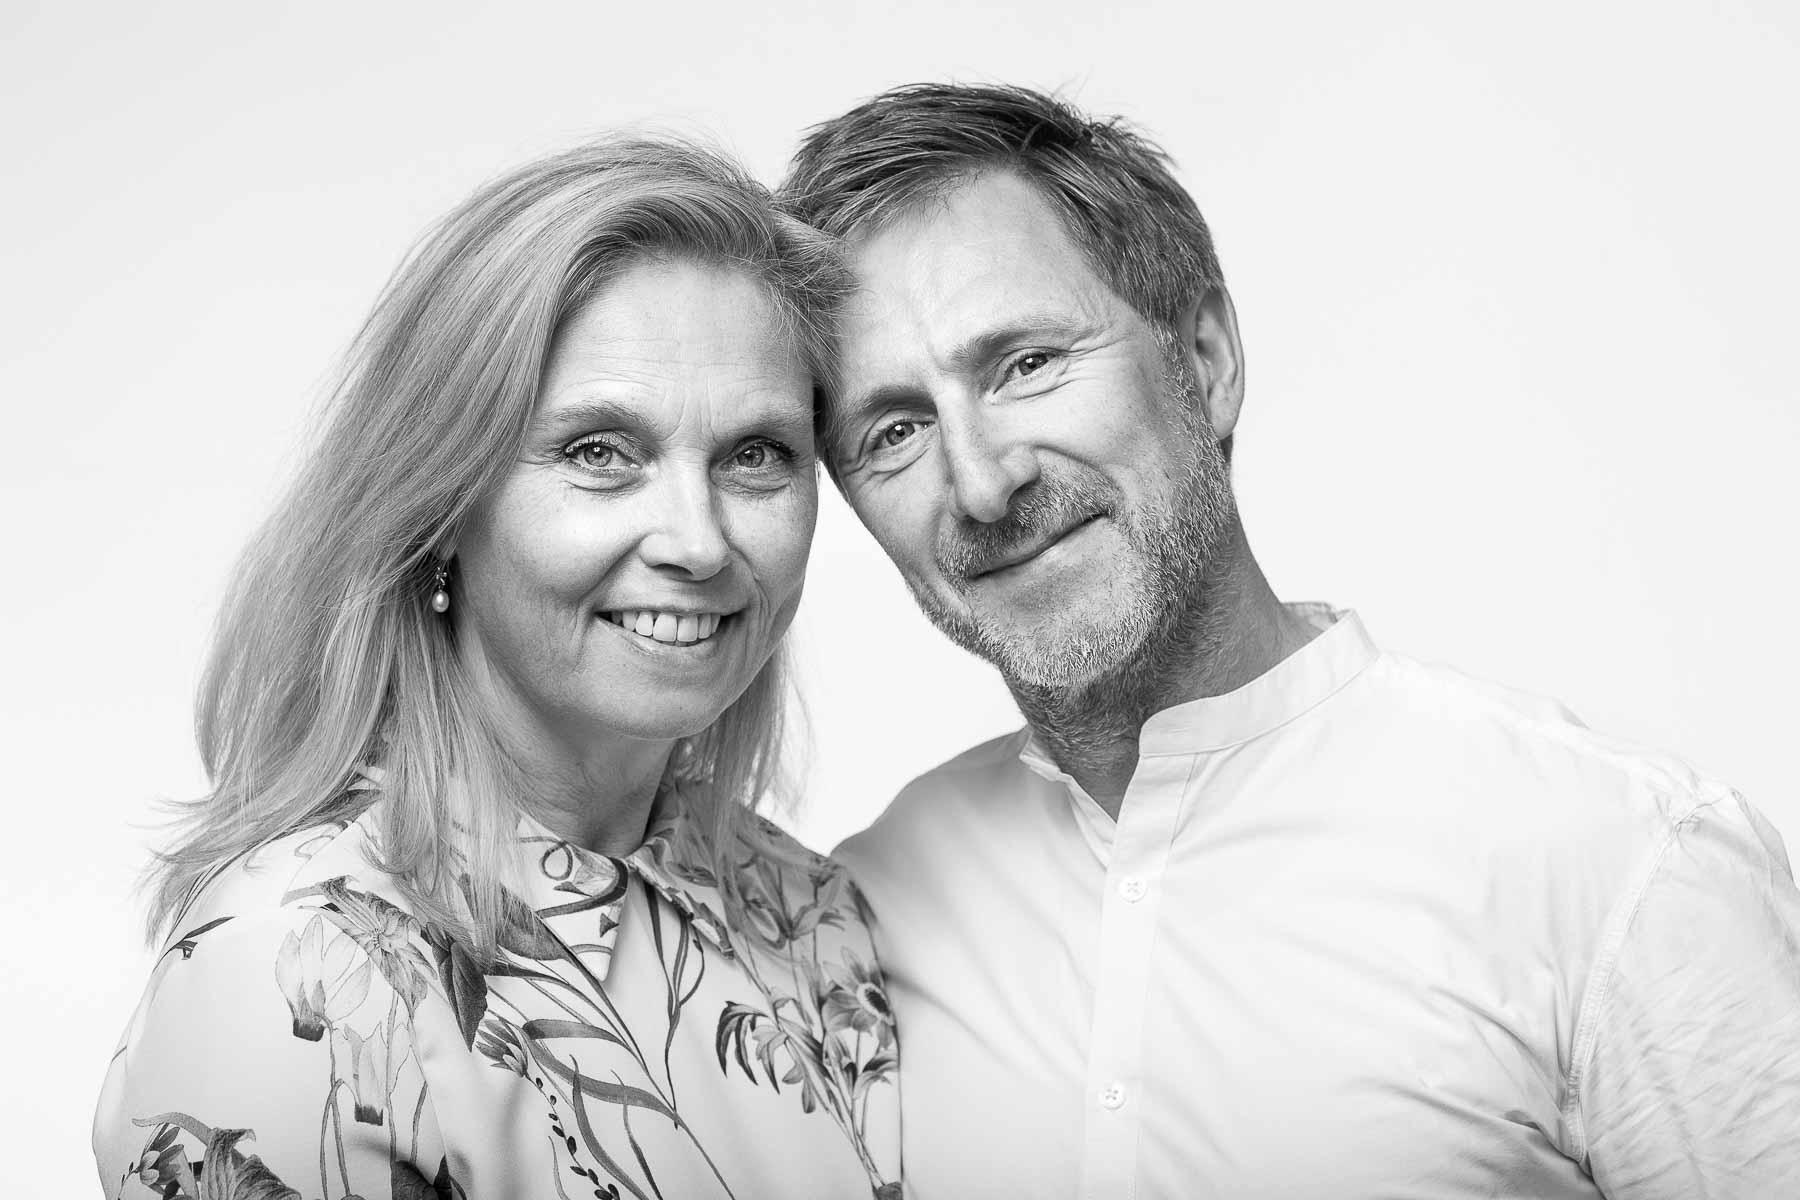 priser portrætfotografering Roskilde